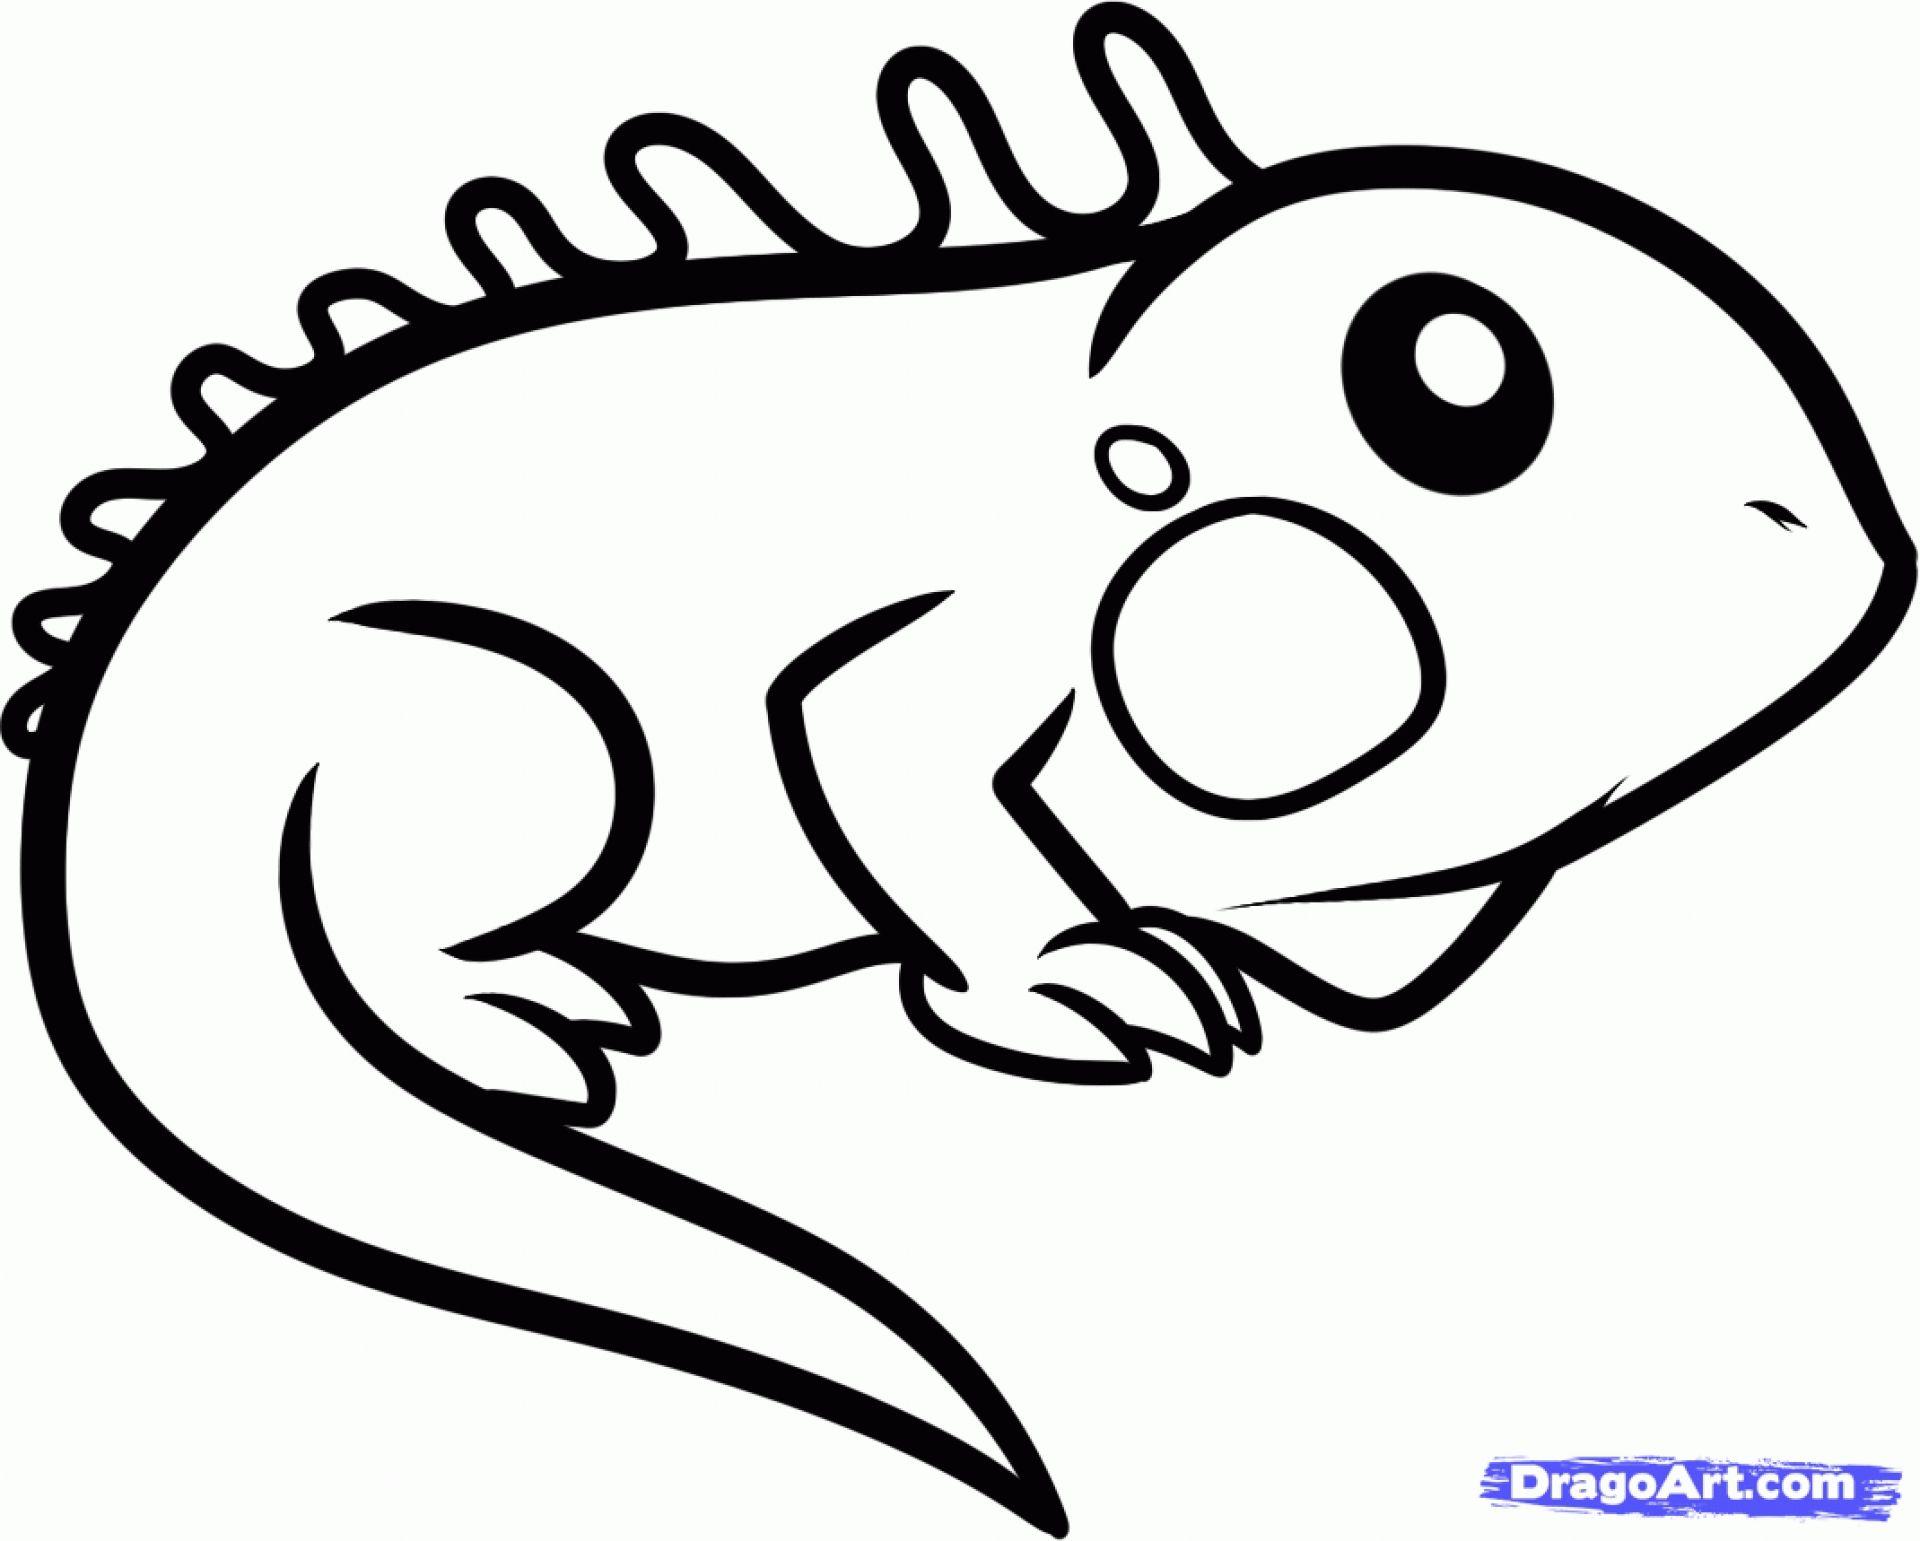 Disney Tsum Tsum Libro Para Colorear En Línea De Arte En: Cartoon Animal Drawings Animals To Draw